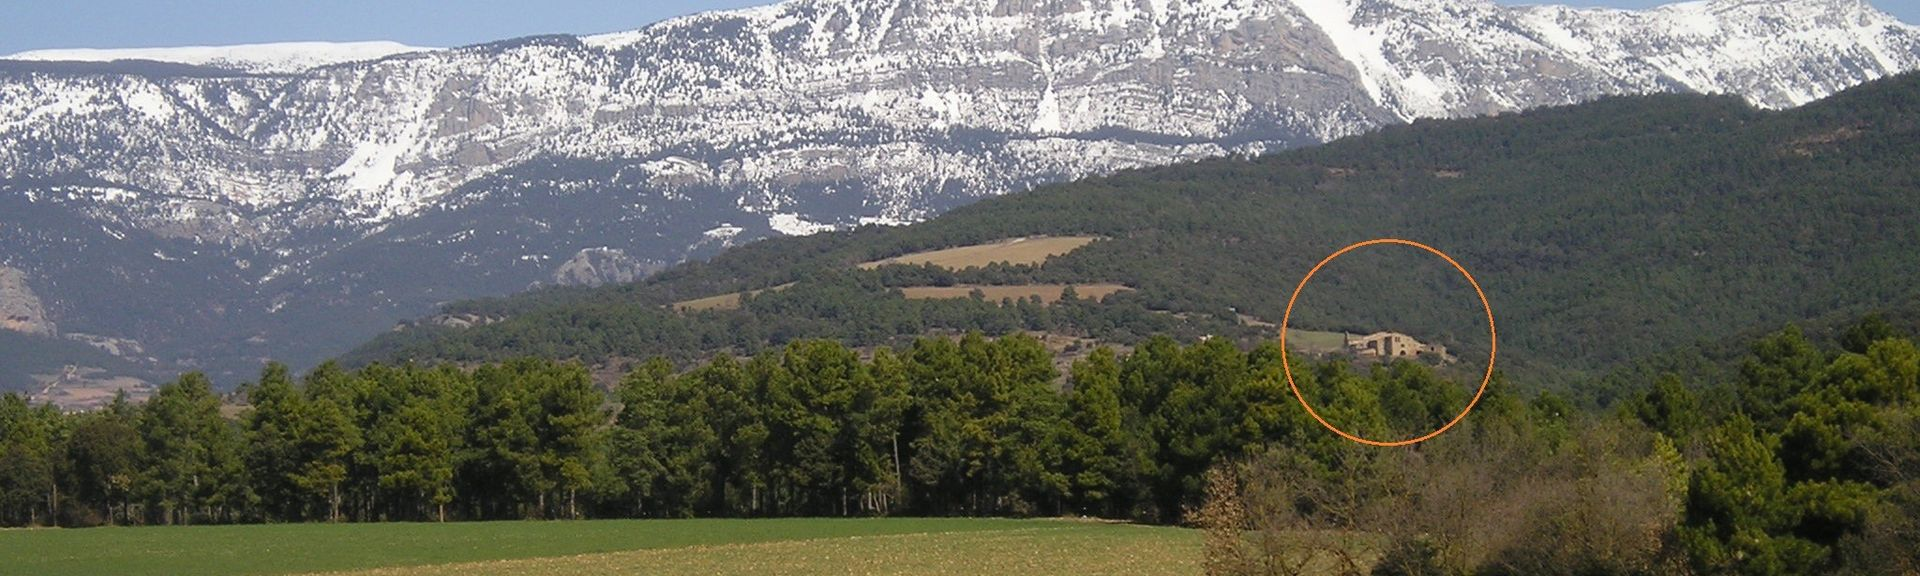 Bassella, Lleida, Spain